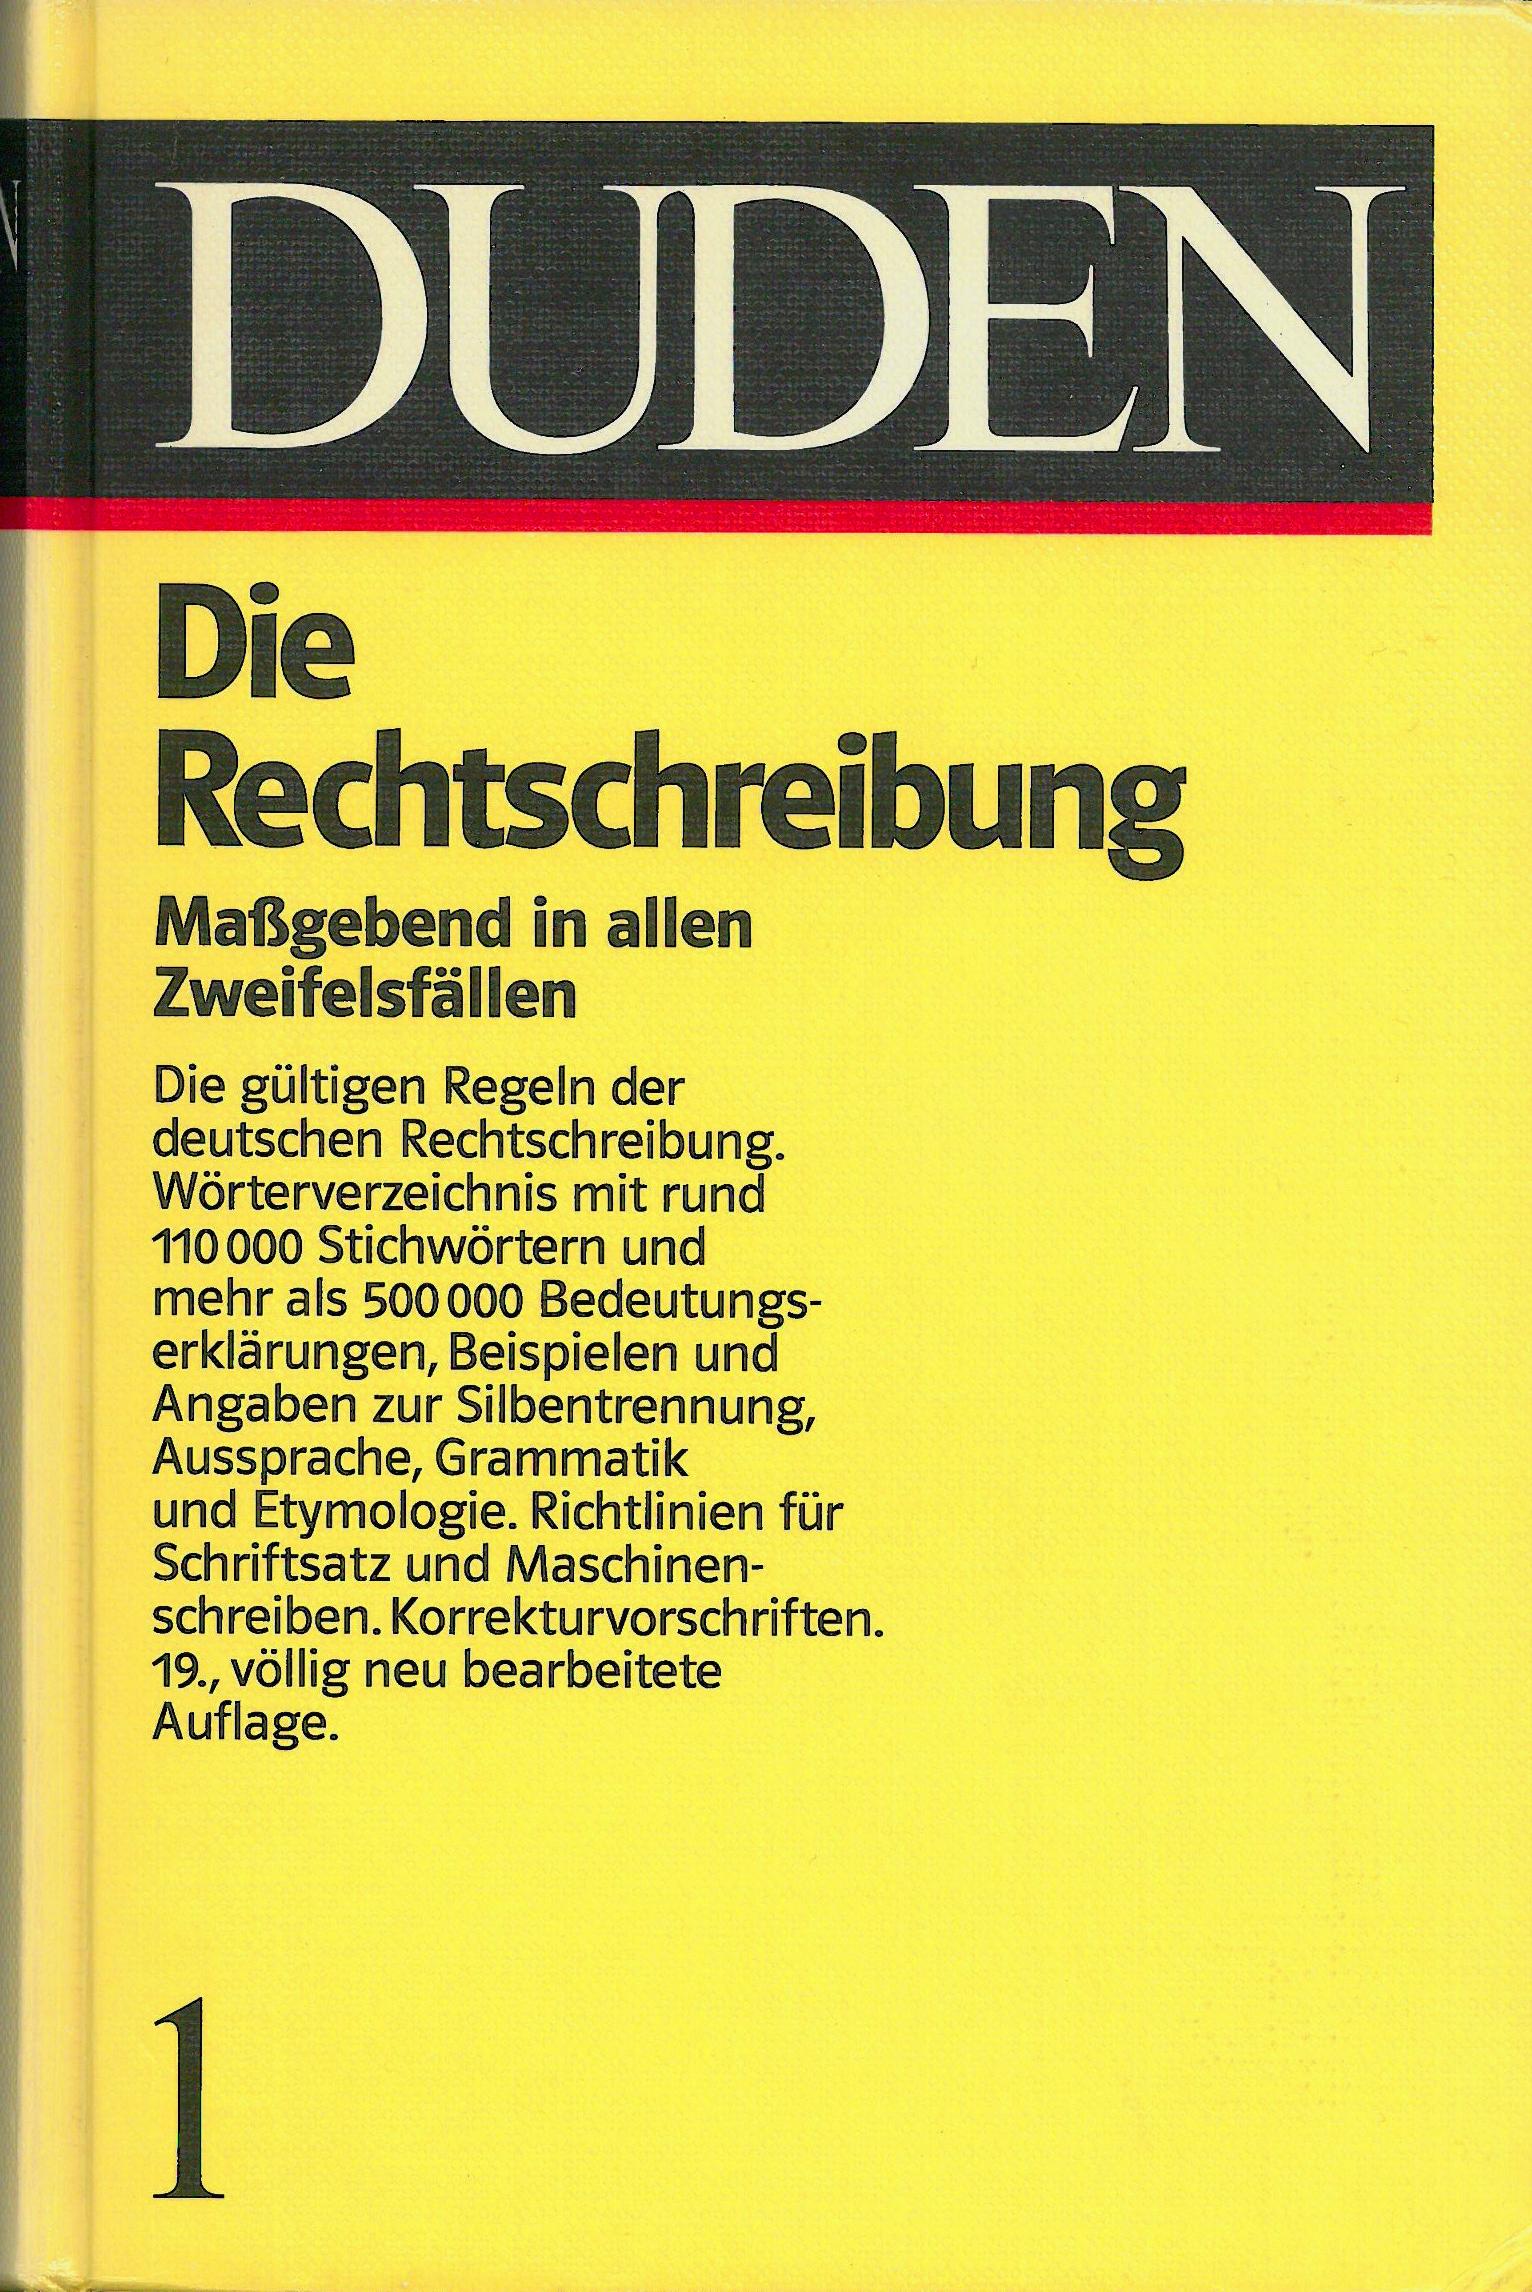 Buchcover Duden von 1986 BRD